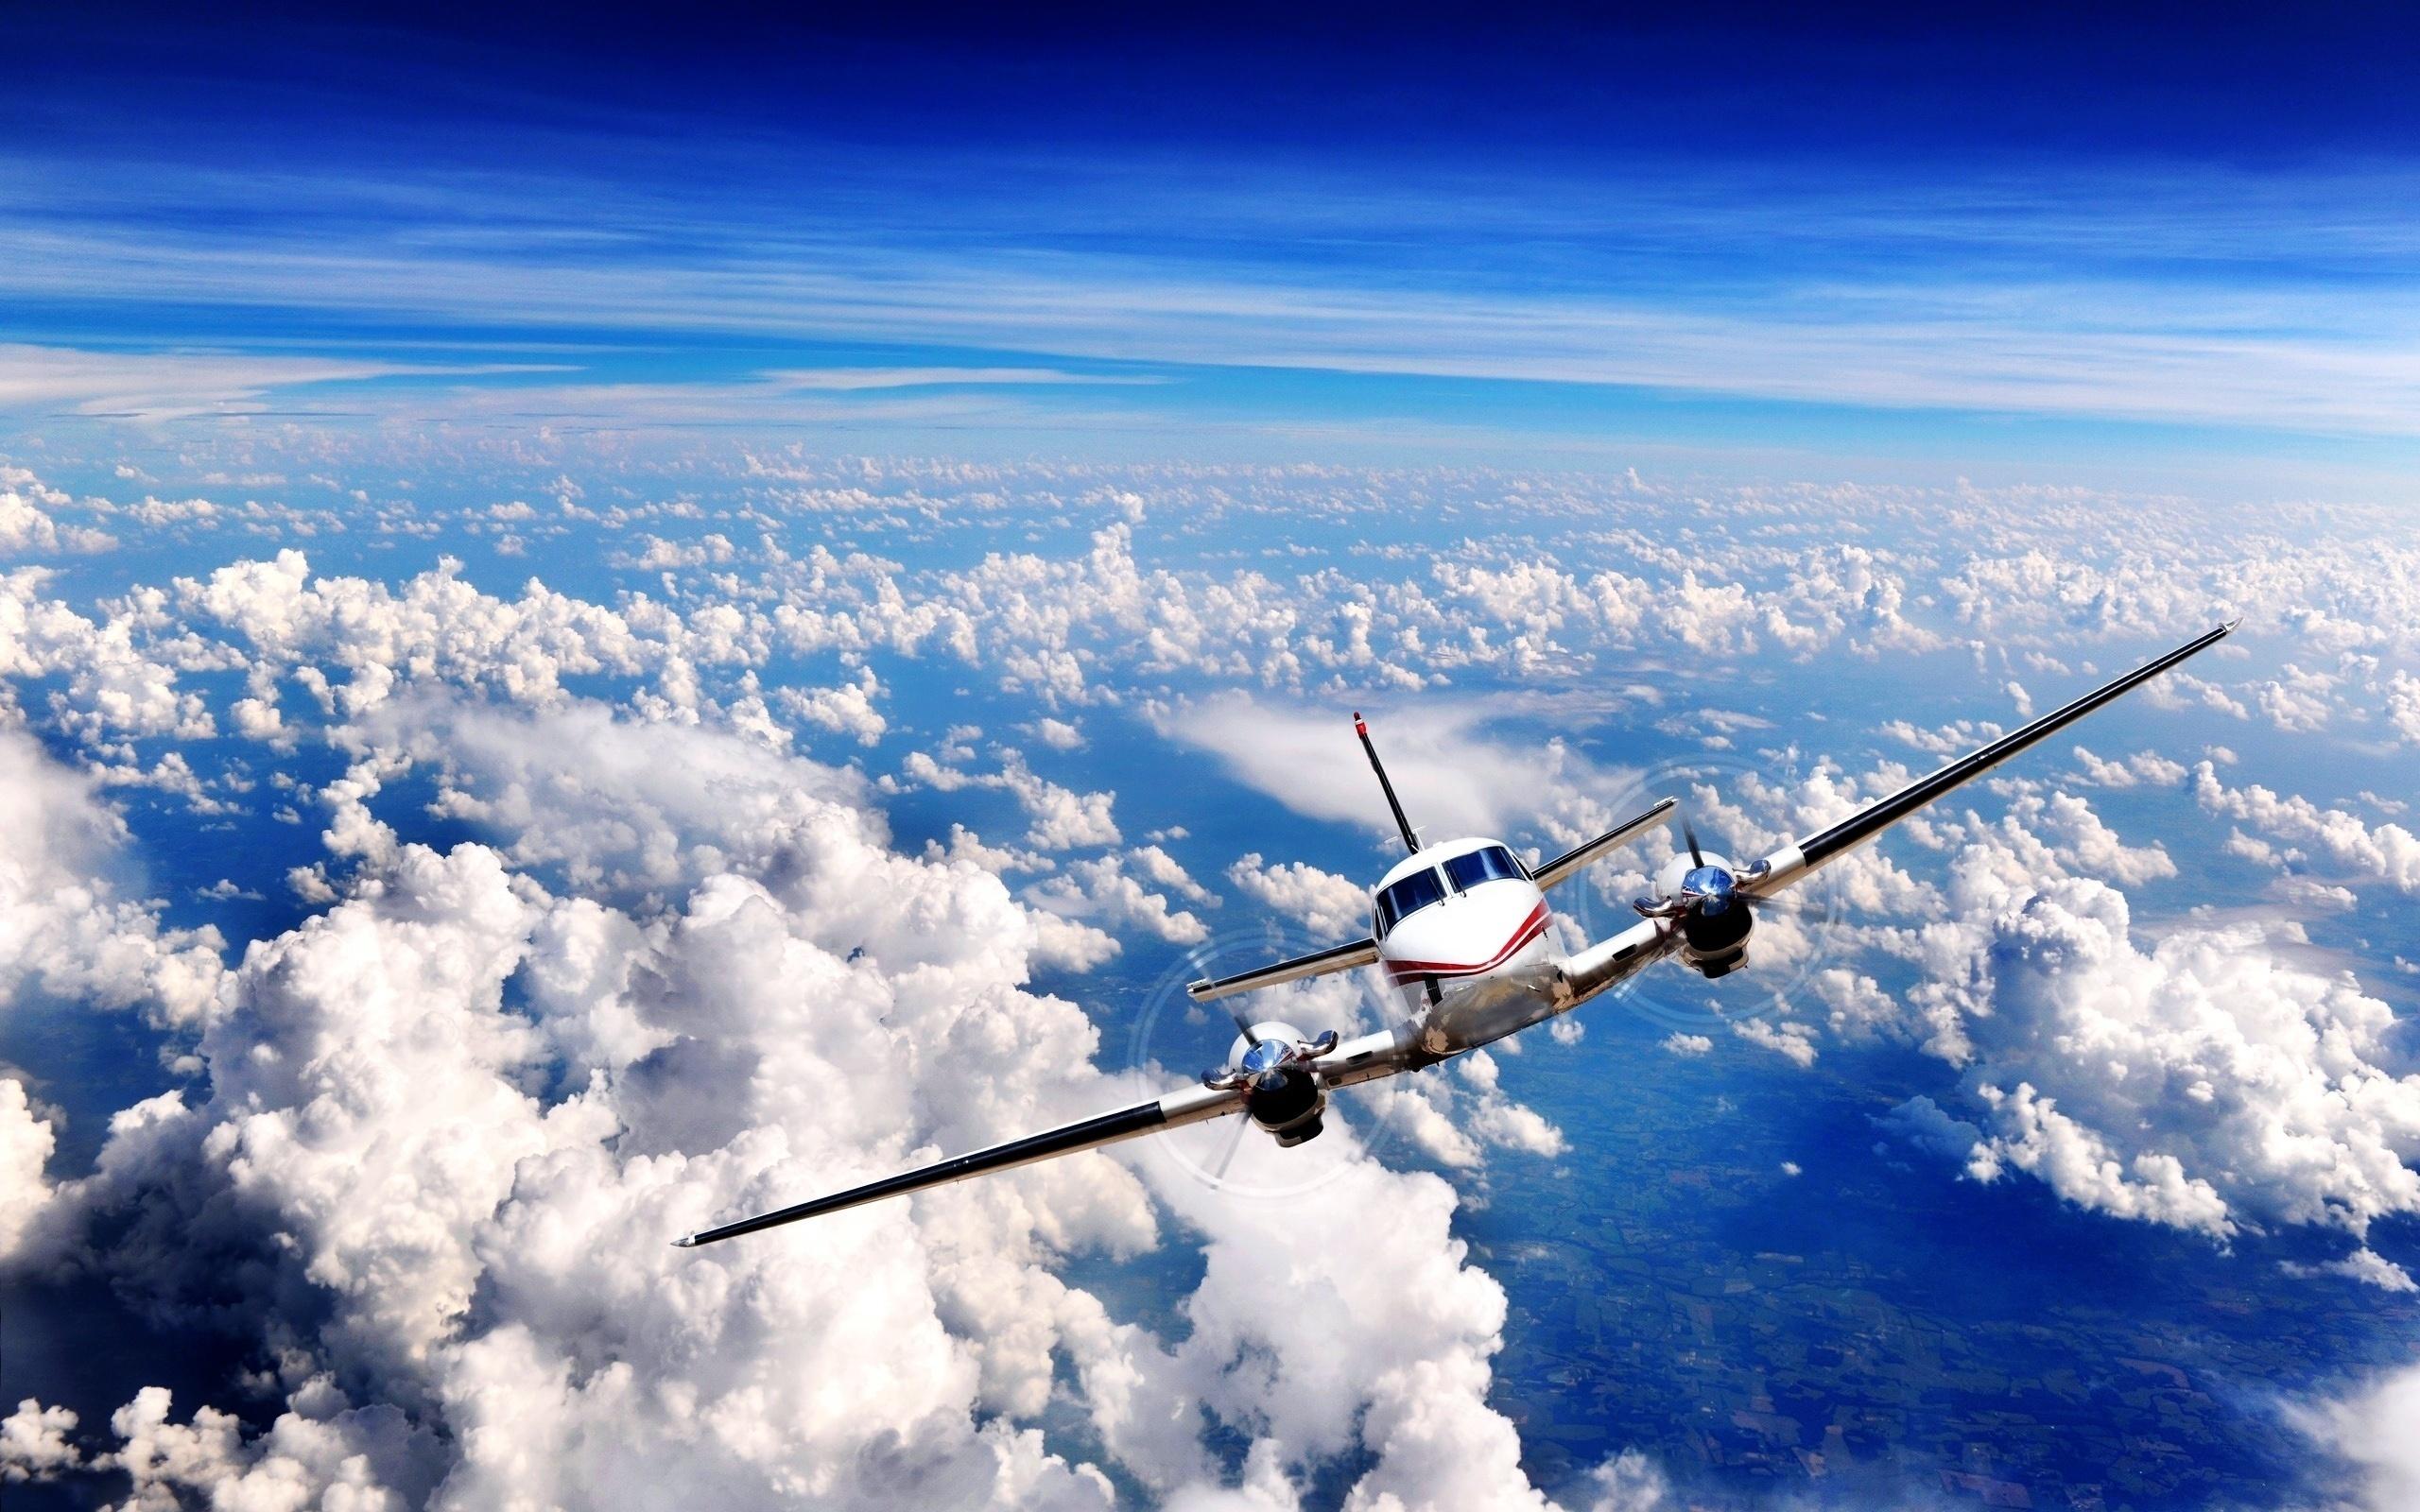 картинка с обложки самолетом находится сердце старого